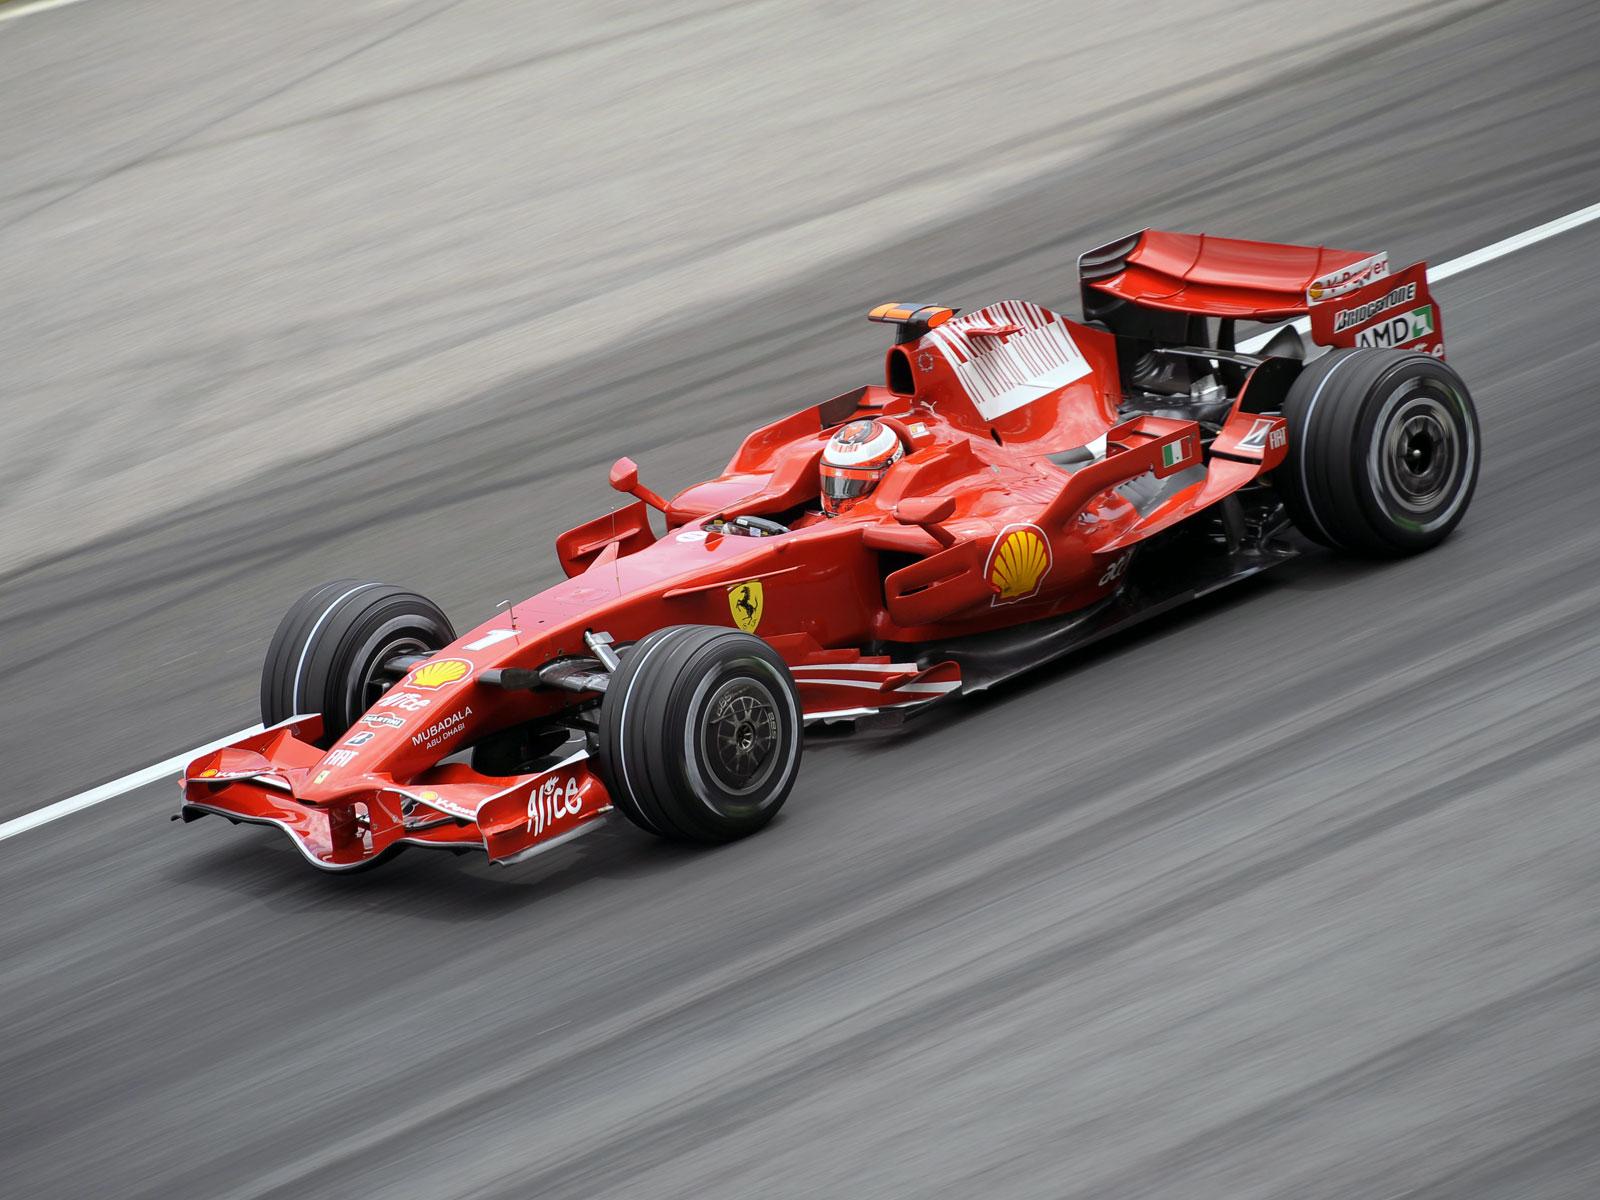 フェラーリf2008 【f1】キミ・ライコネン 2008年 フェラーリf2008【kimi Raikkonen